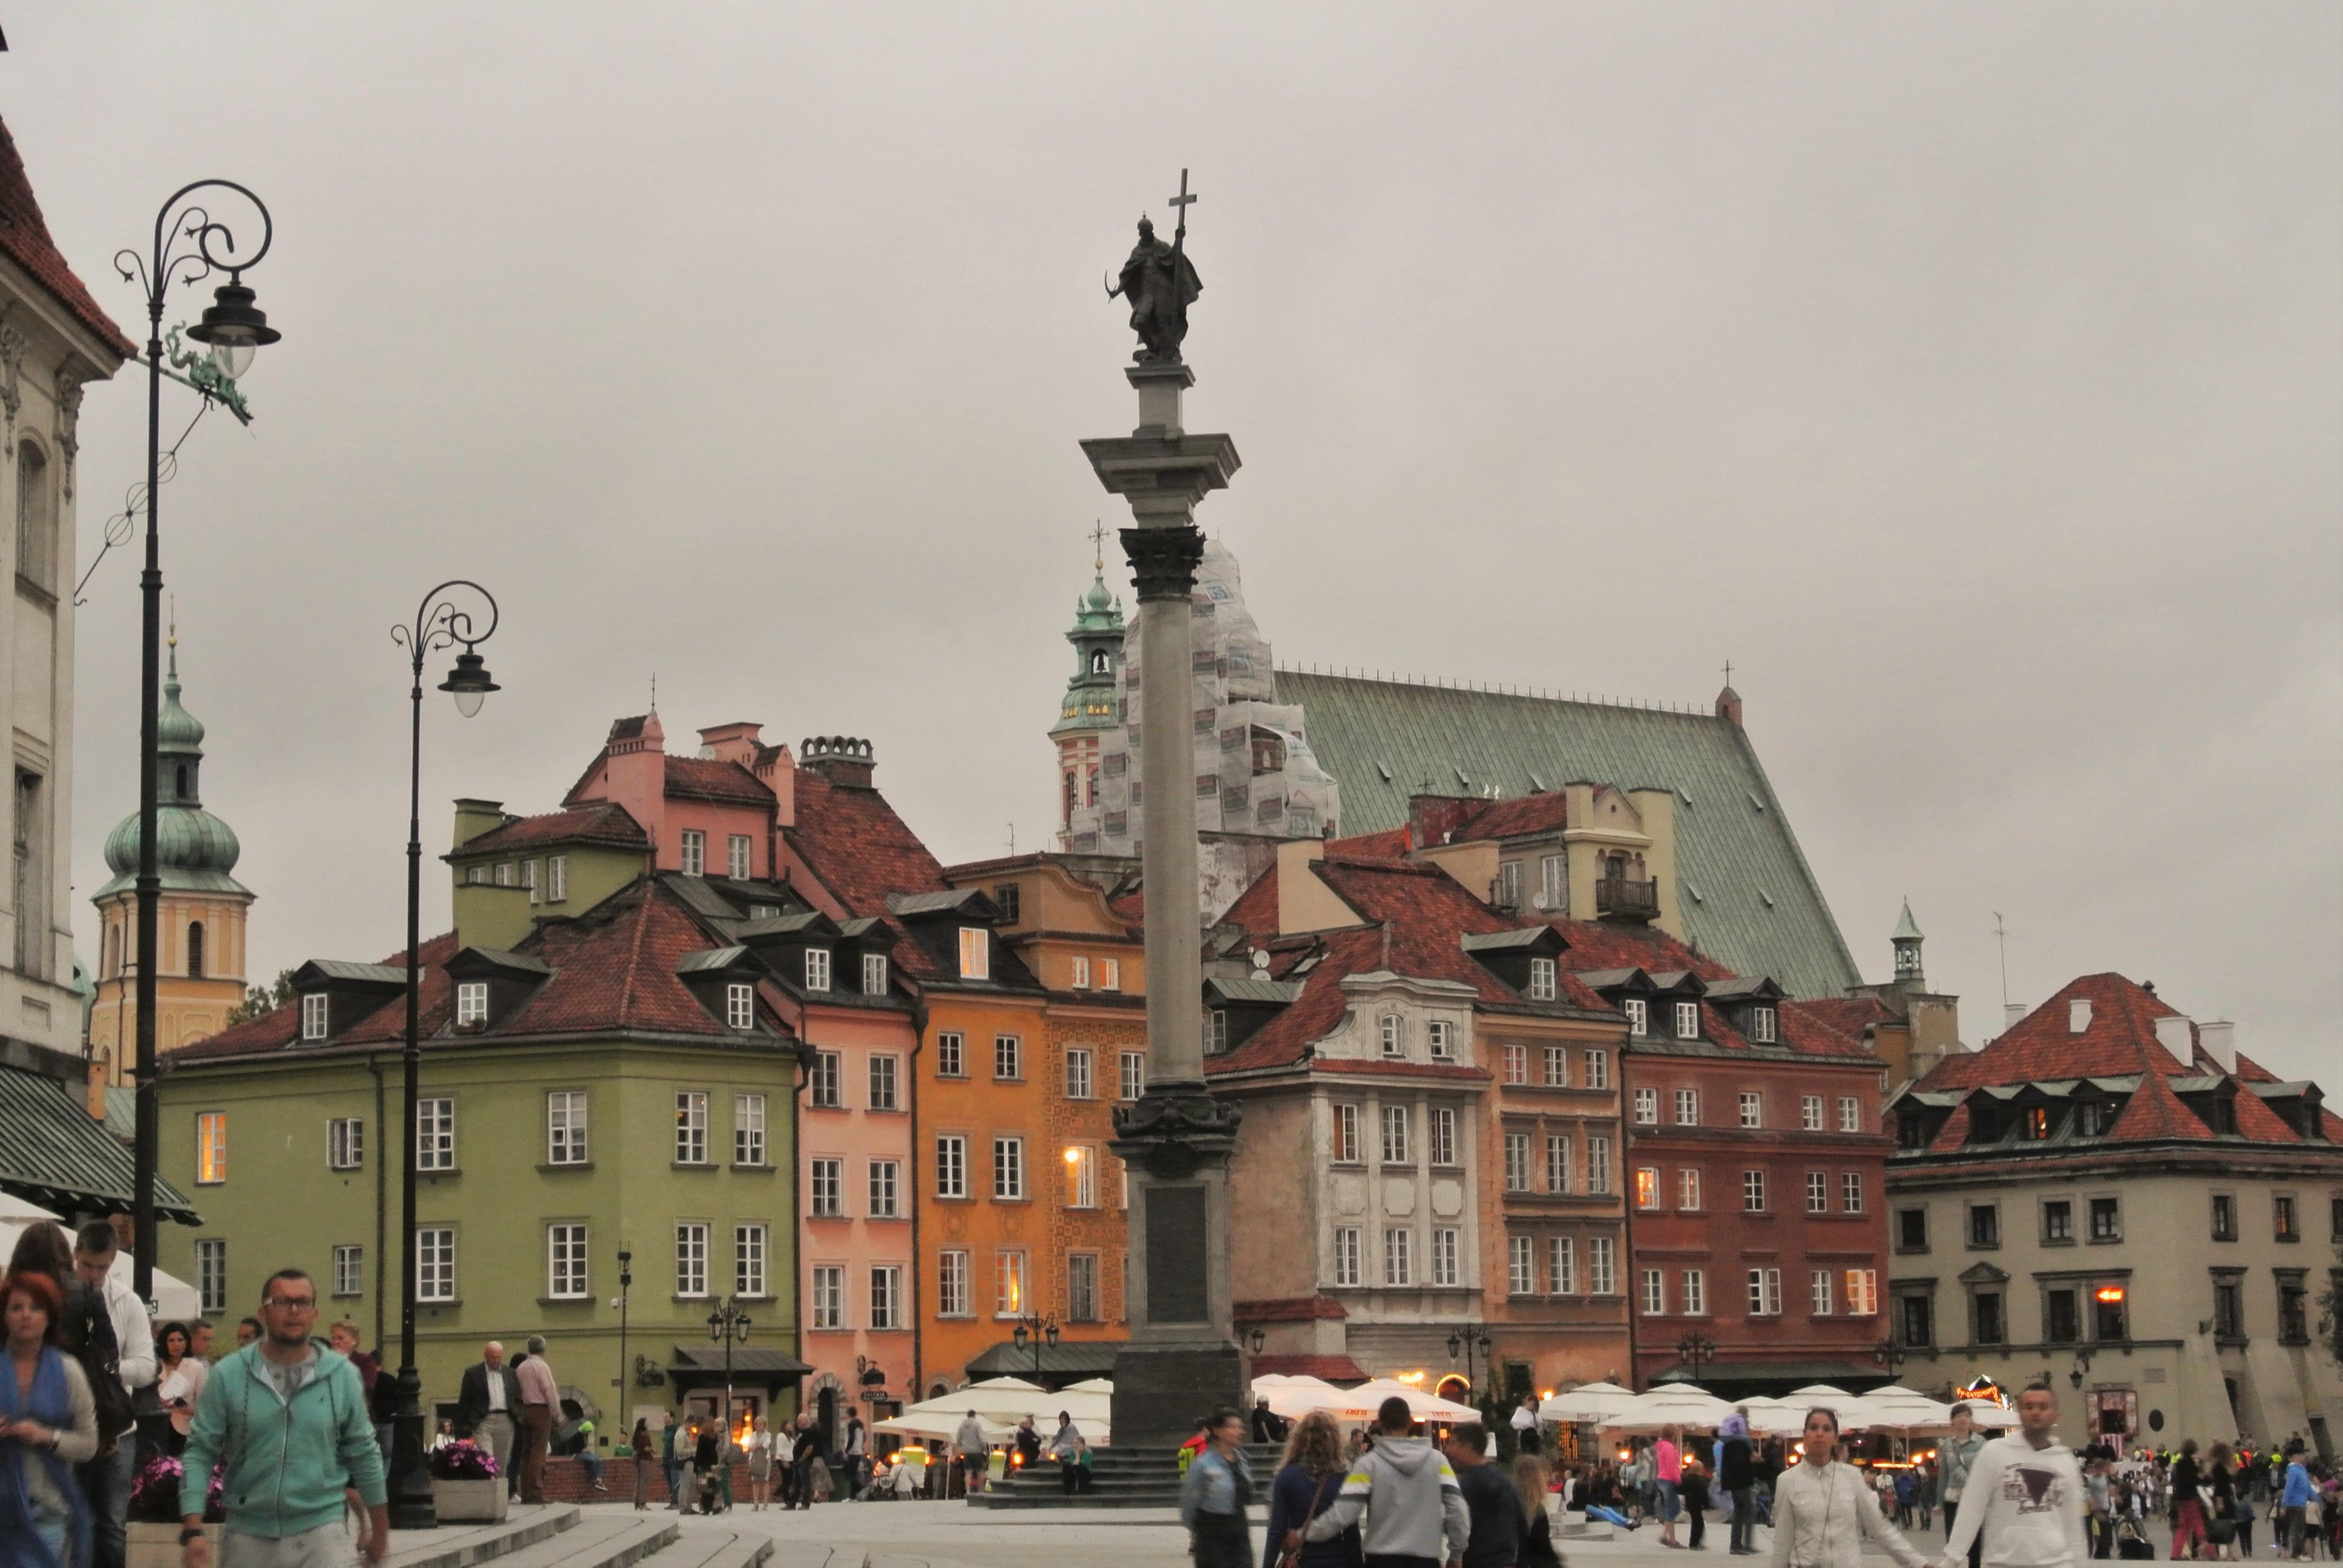 【波蘭女孩帶你玩波蘭-你不知道的華沙猶太歷史與景點☆】 | 波蘭女孩X臺灣男孩 在家環遊世界